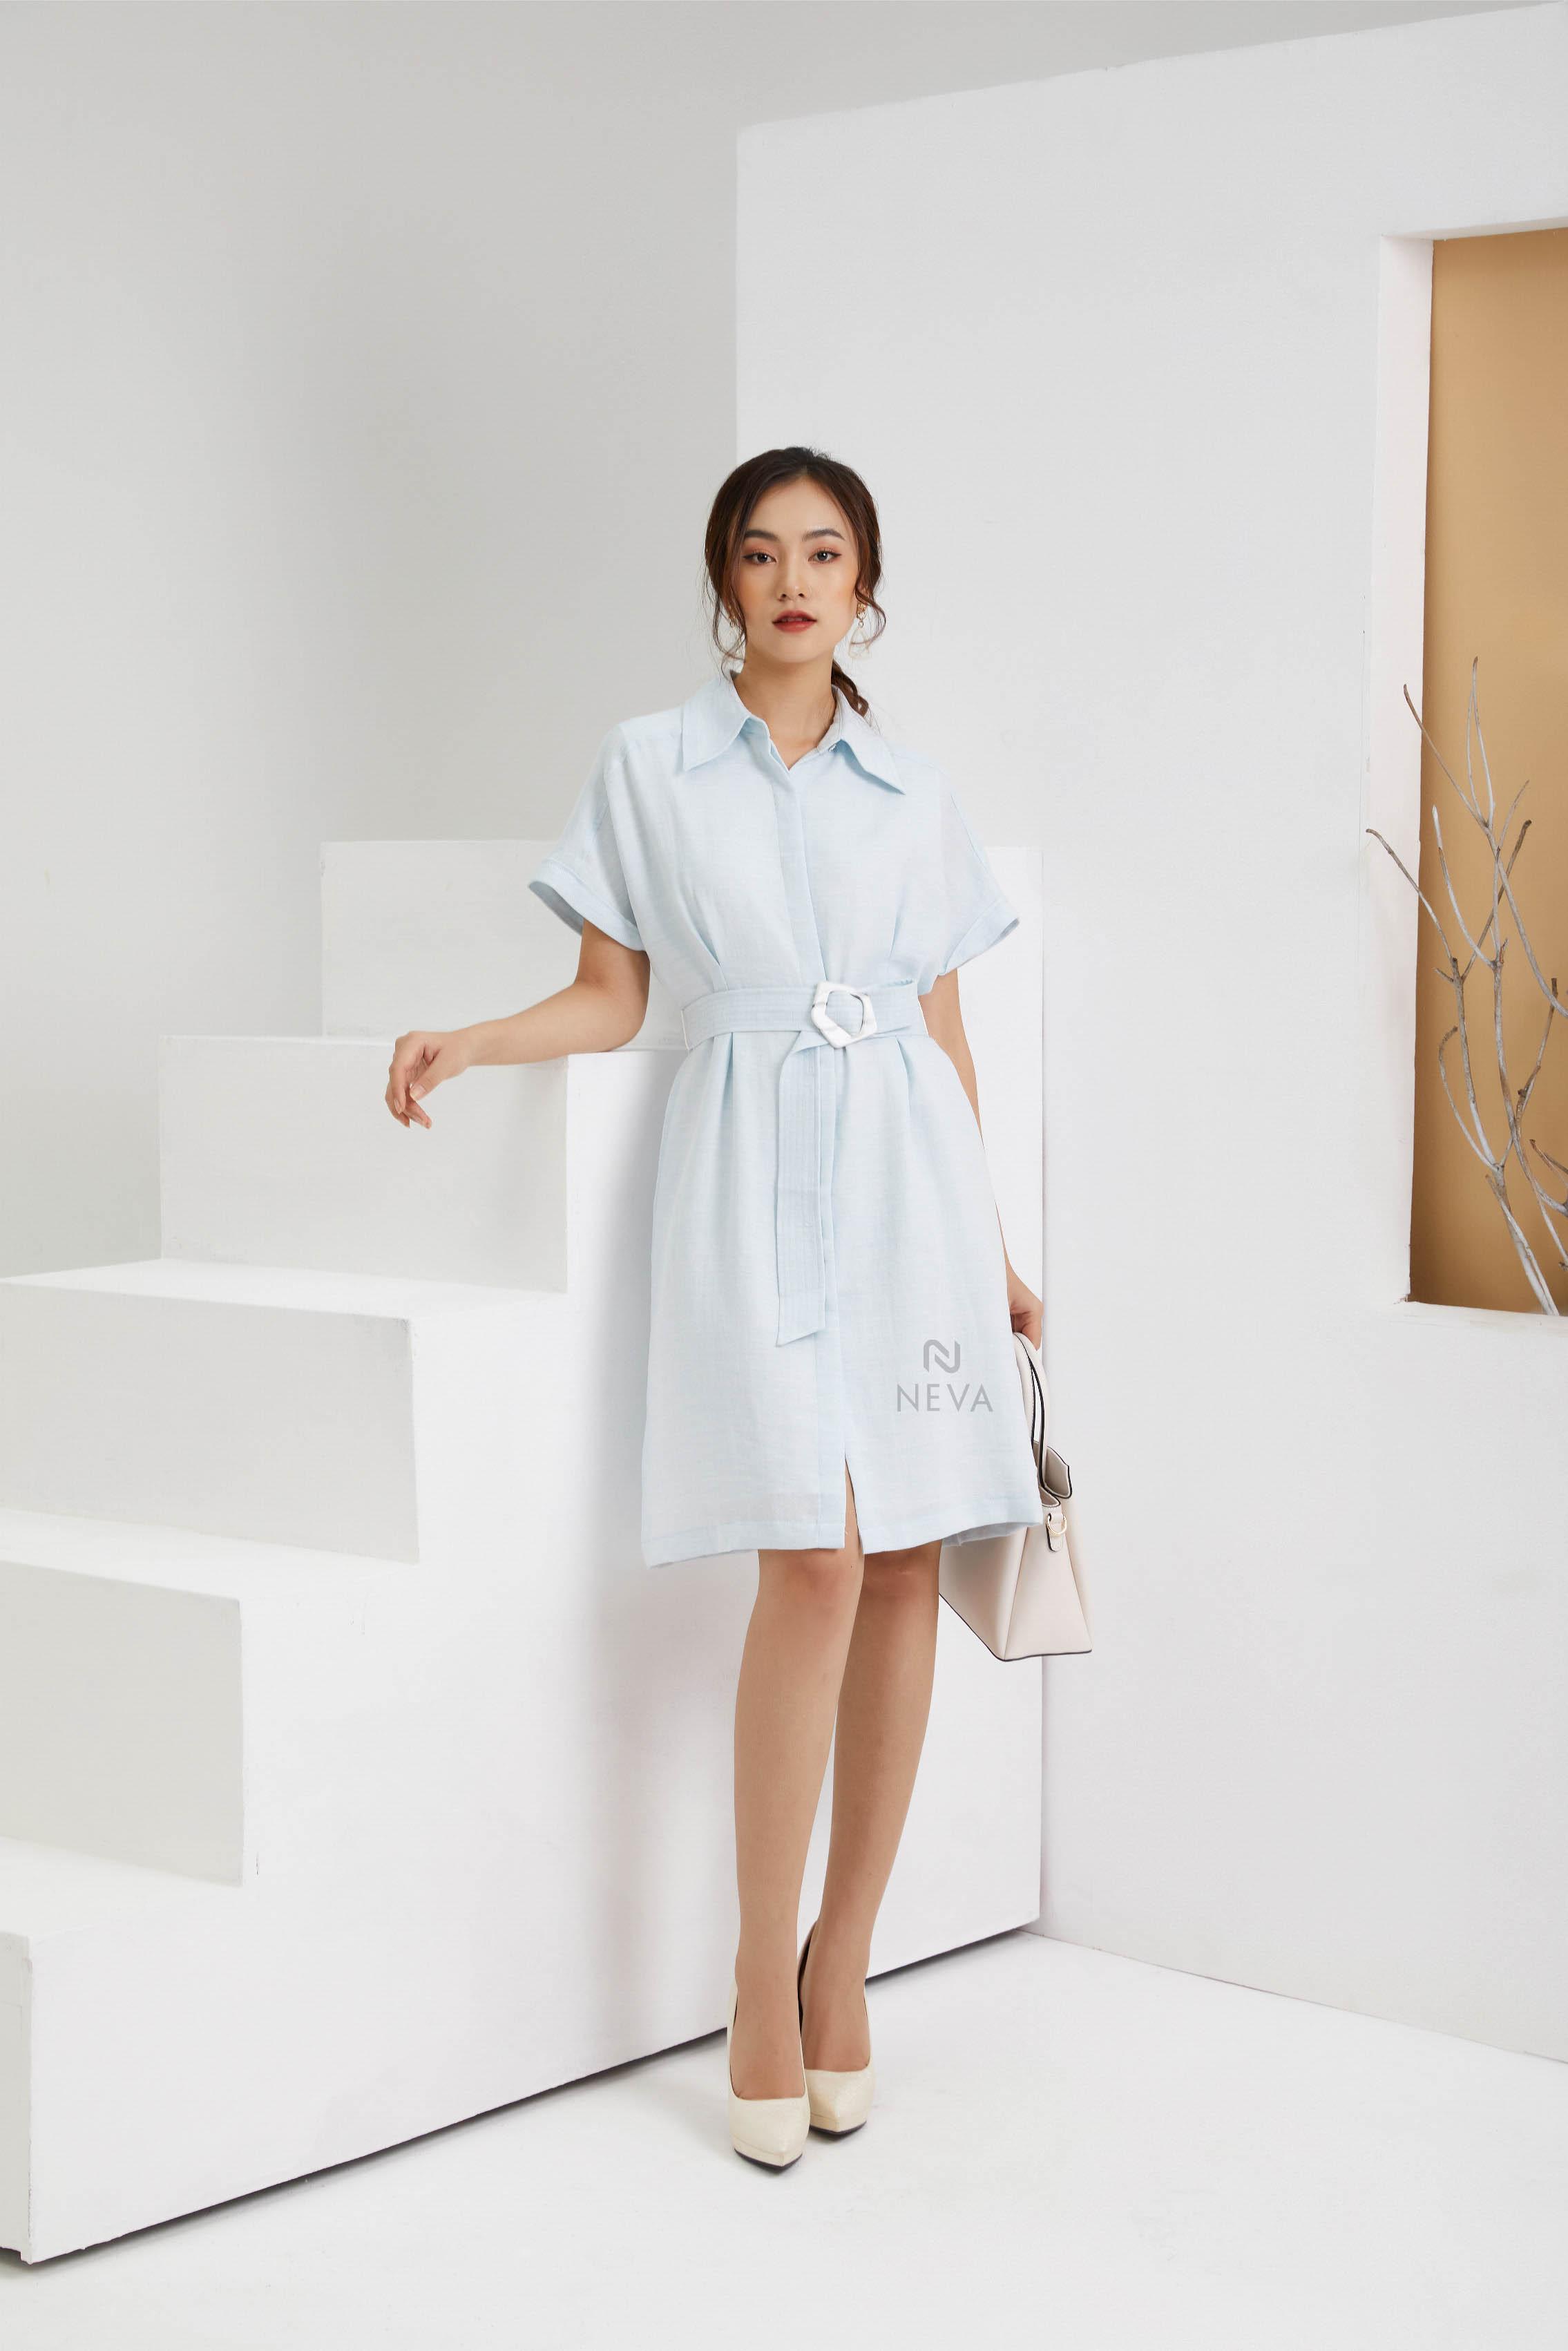 Những mẫu váy đầm liền thân tay lỡ dễ thương dành cho các cô gái hiện đại